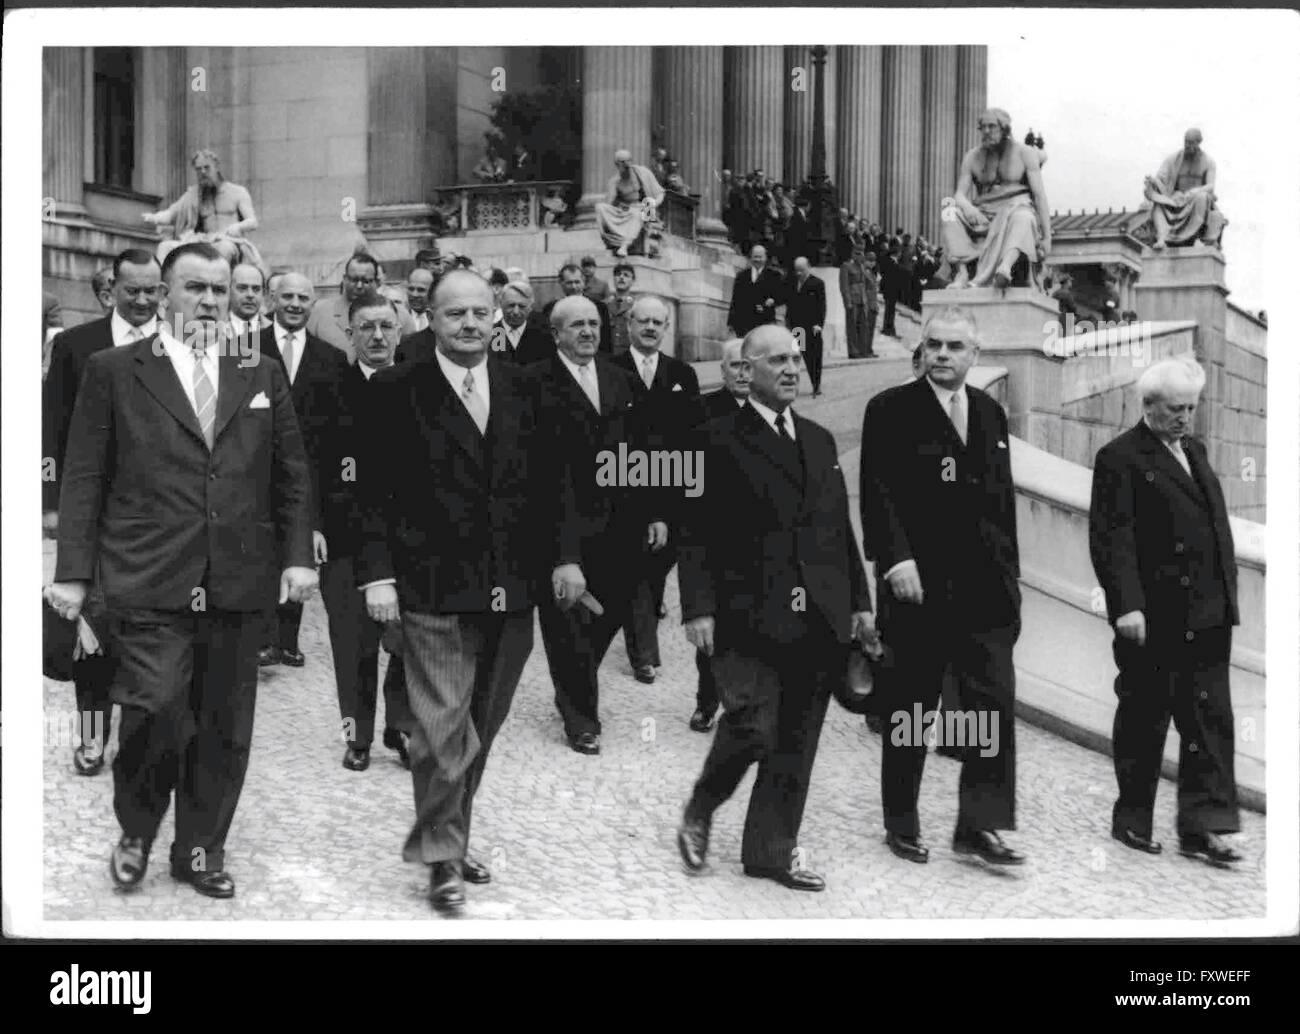 Angelobung von Bundespräsident Schärf - Stock Image